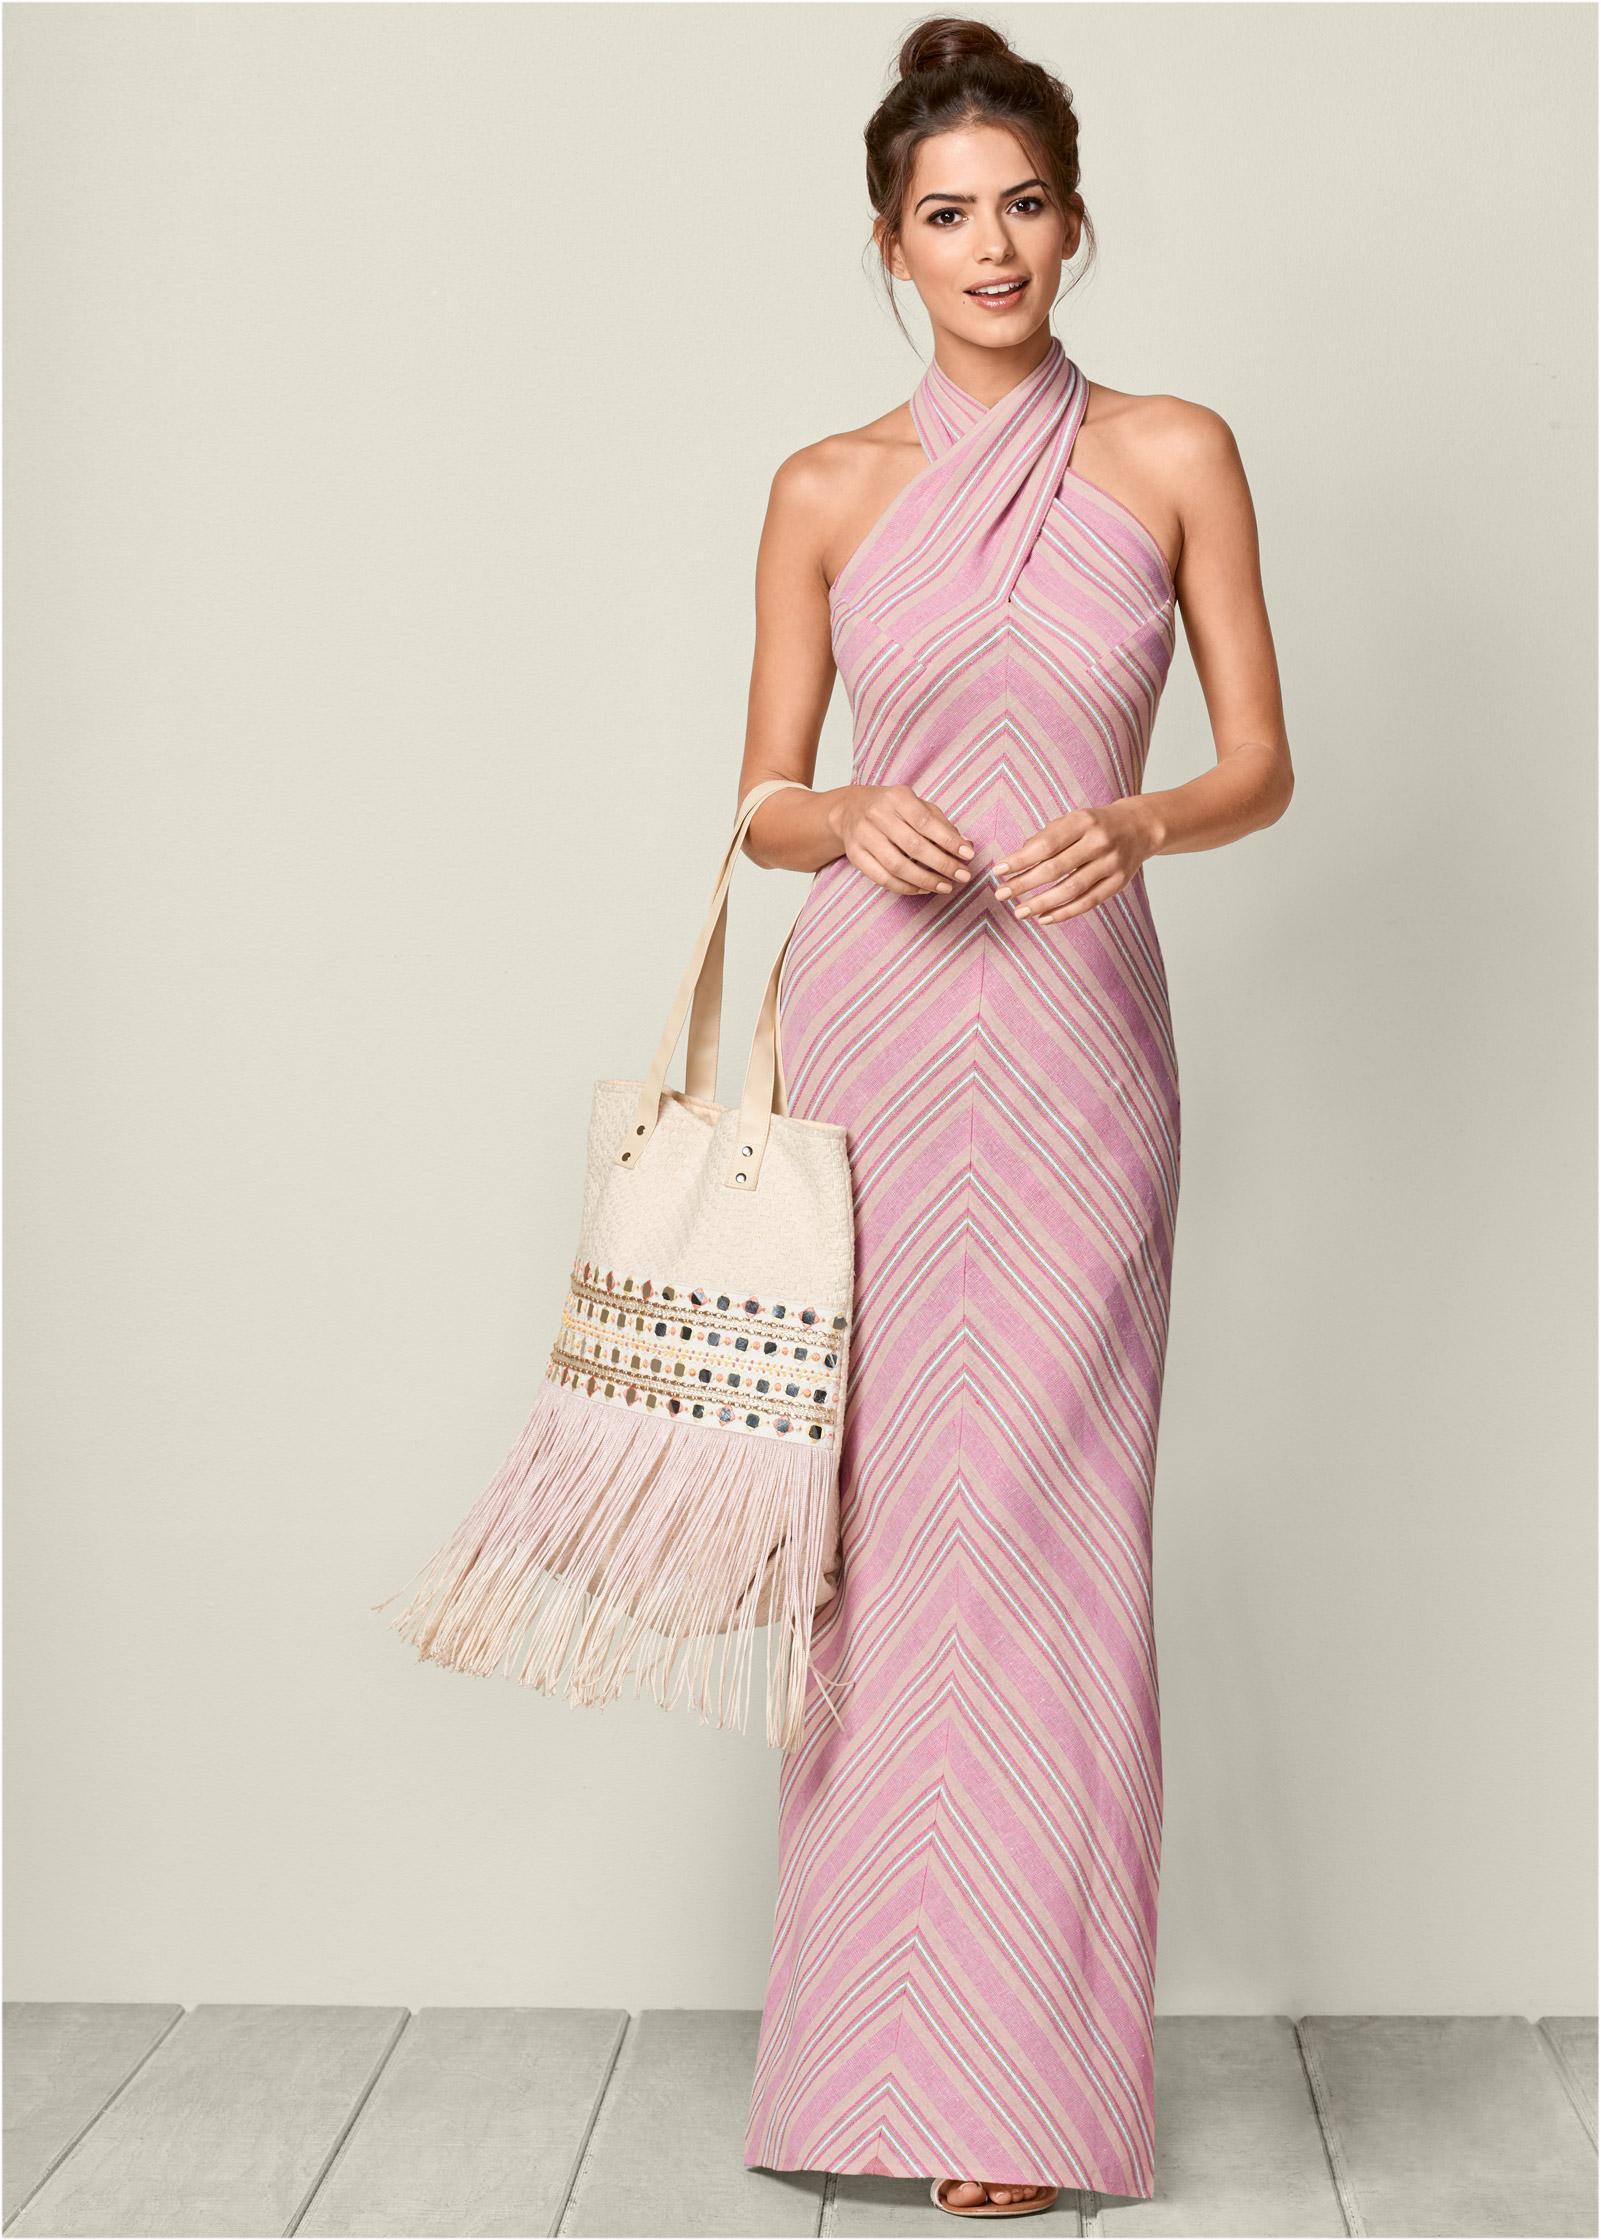 Halter maxi dress with embellished waist belt